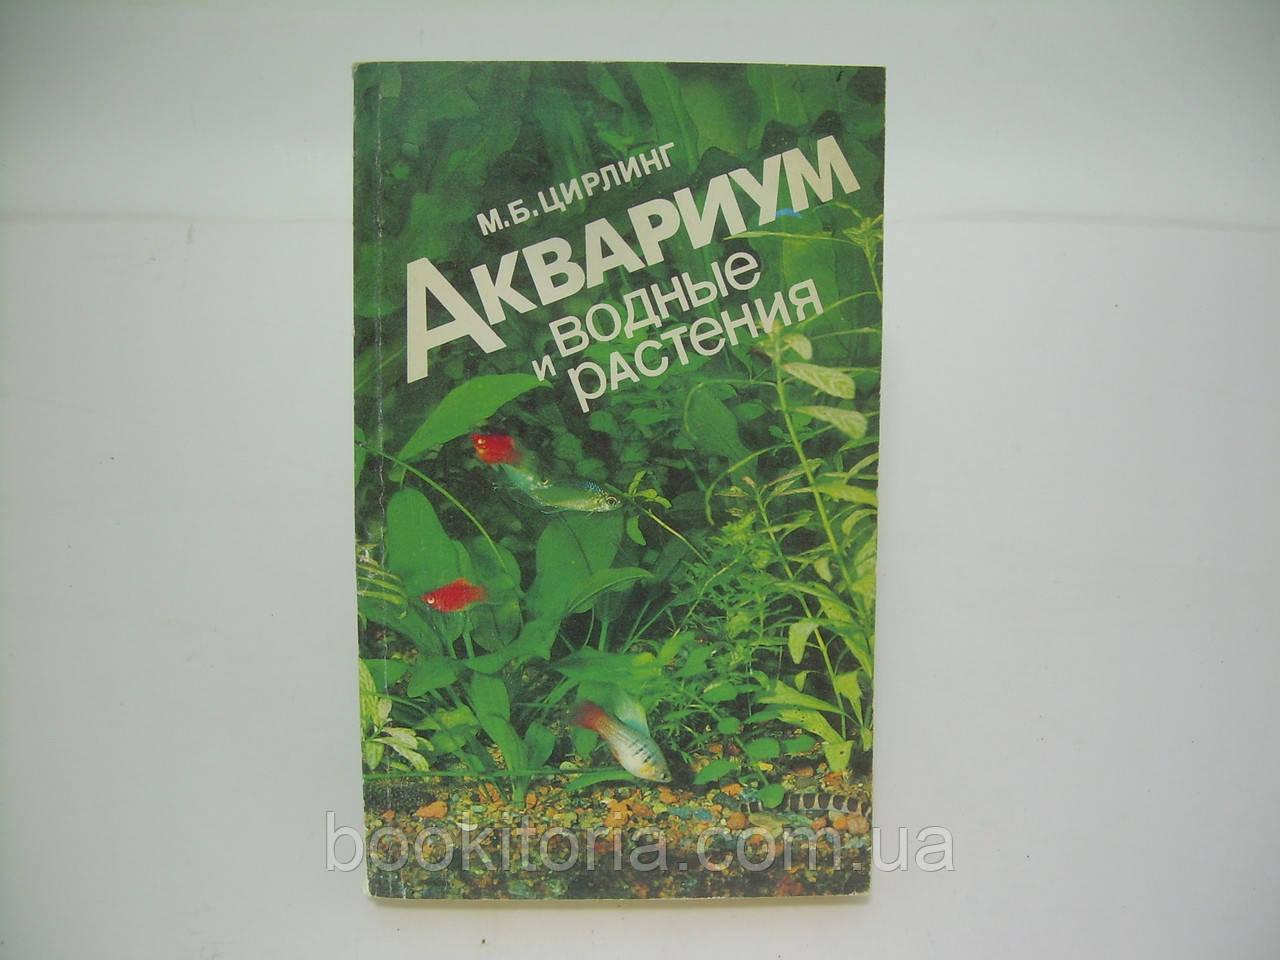 Цирлинг М.Б. Аквариум и водные растения. Руководство для любителя (б/у).